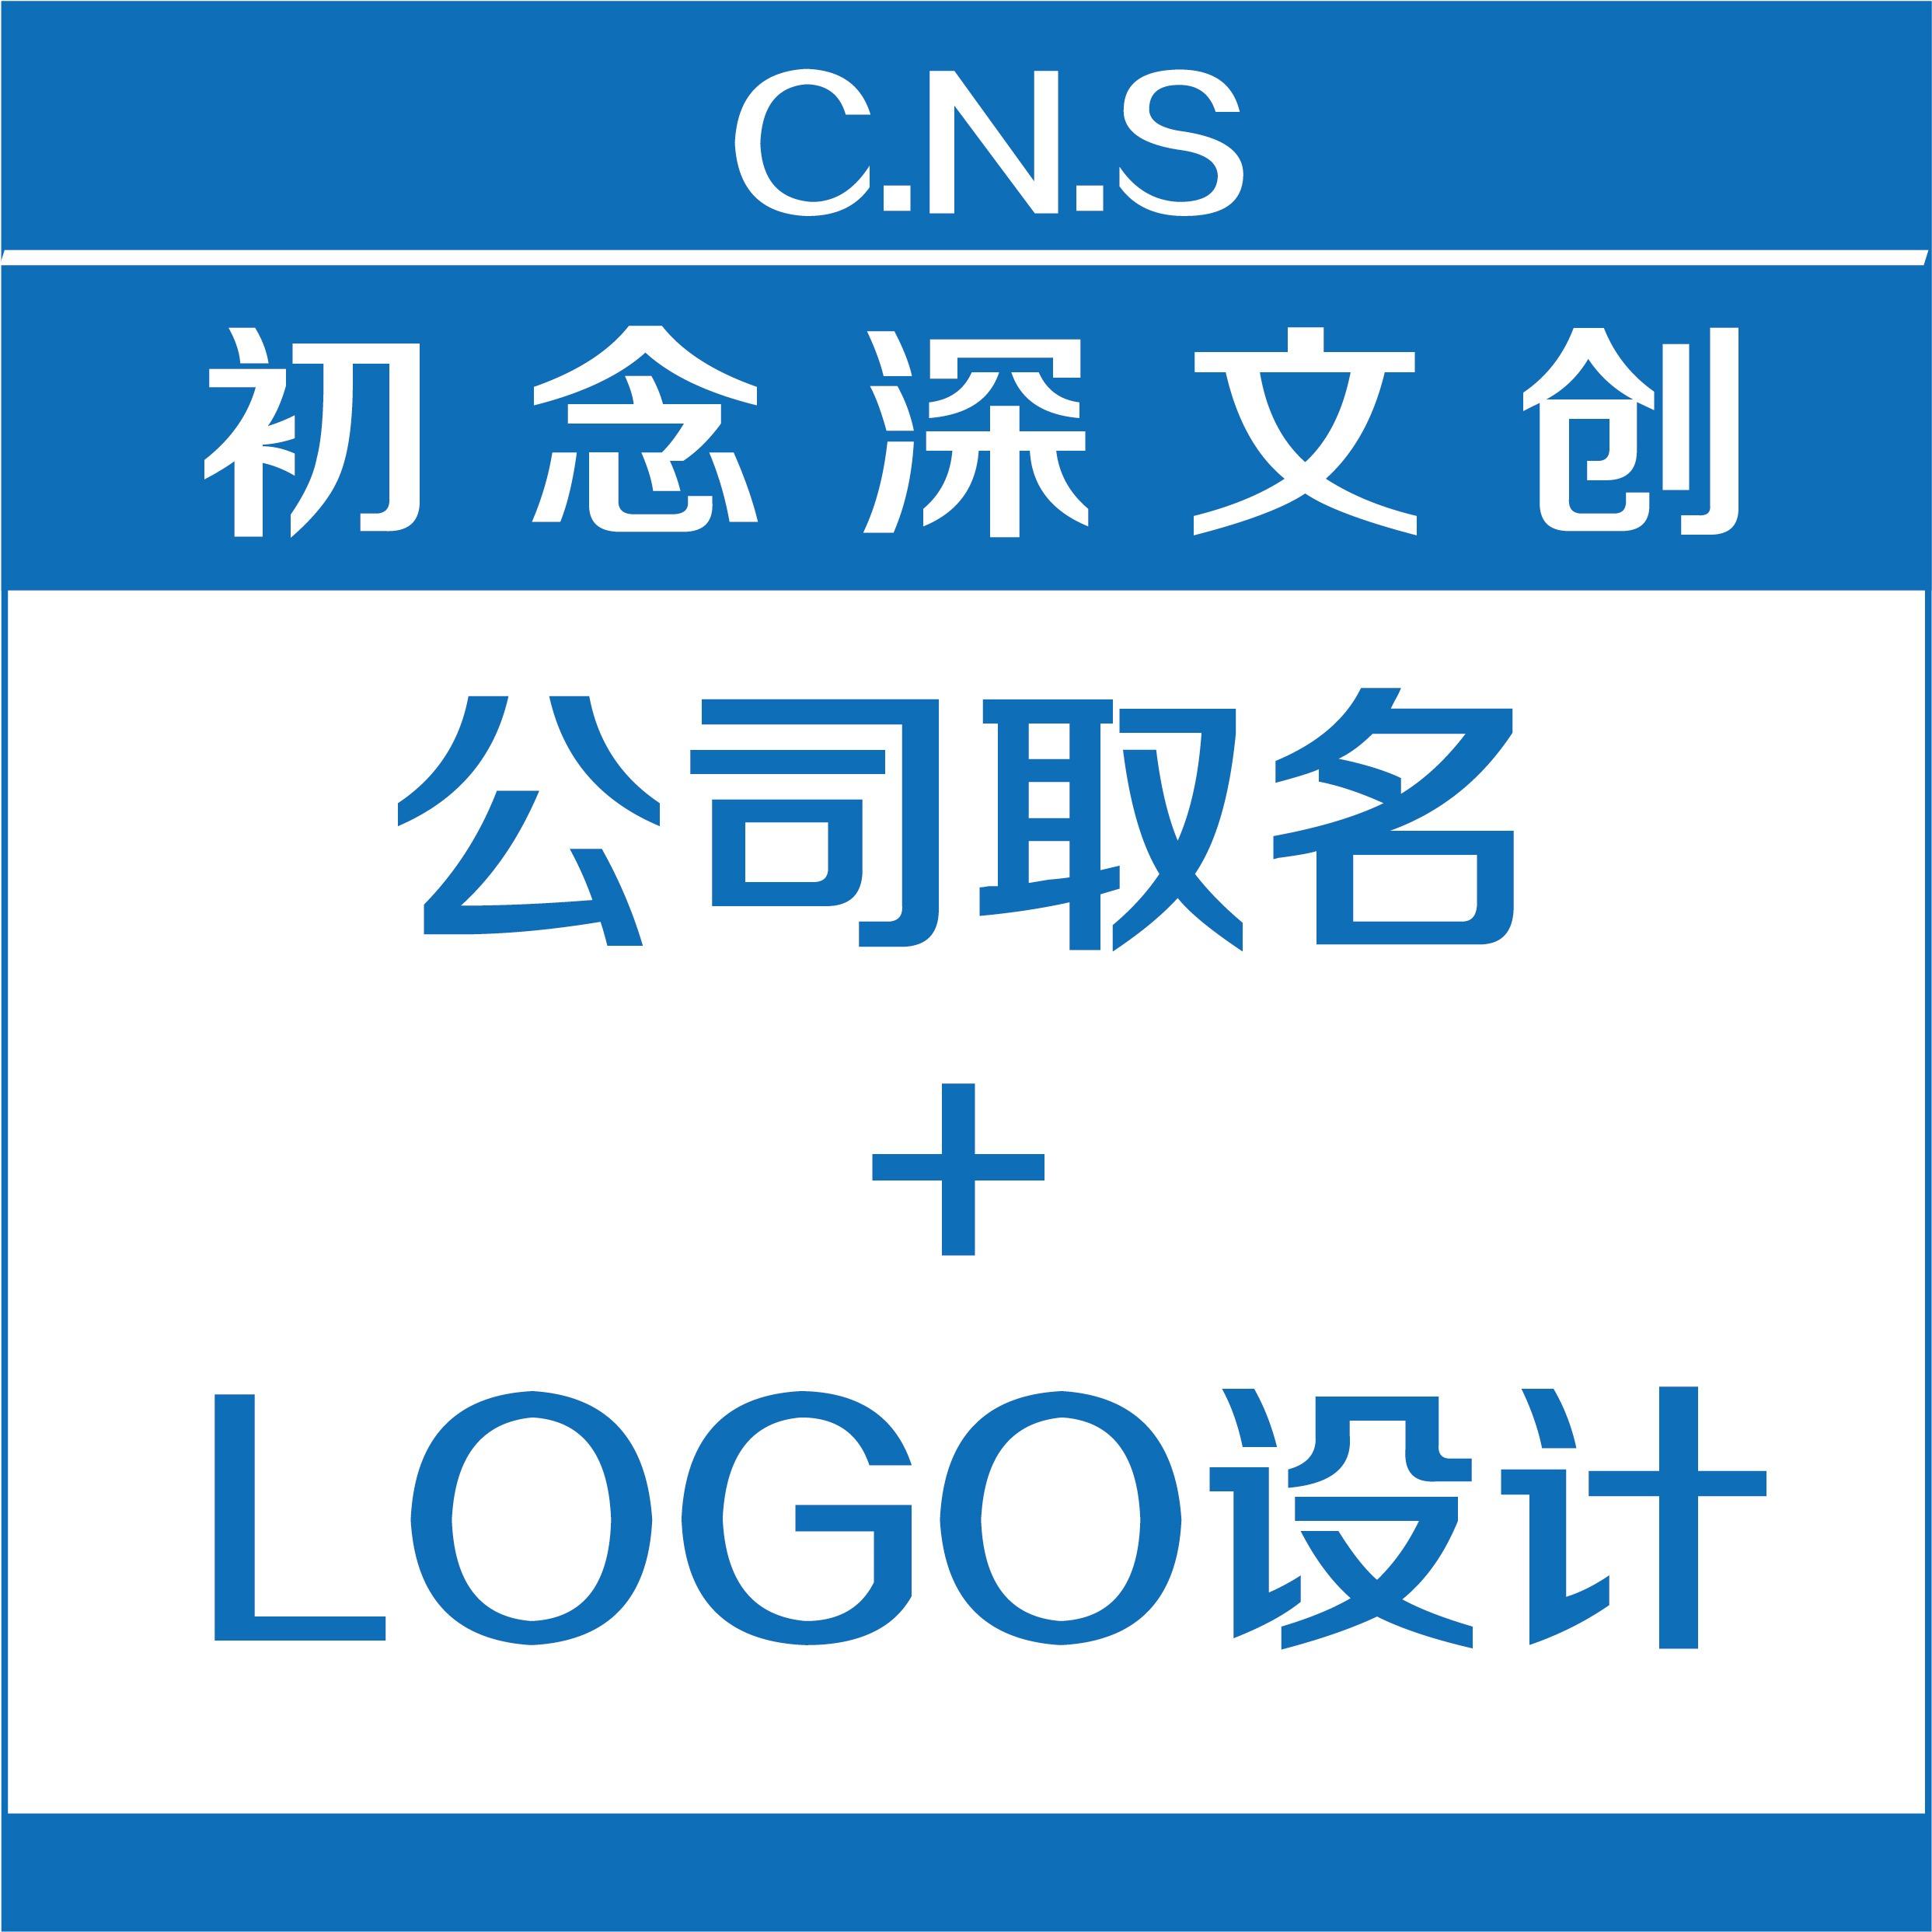 福州南京石家庄太原武汉南宁西安公司起名取名字+LOGO设计